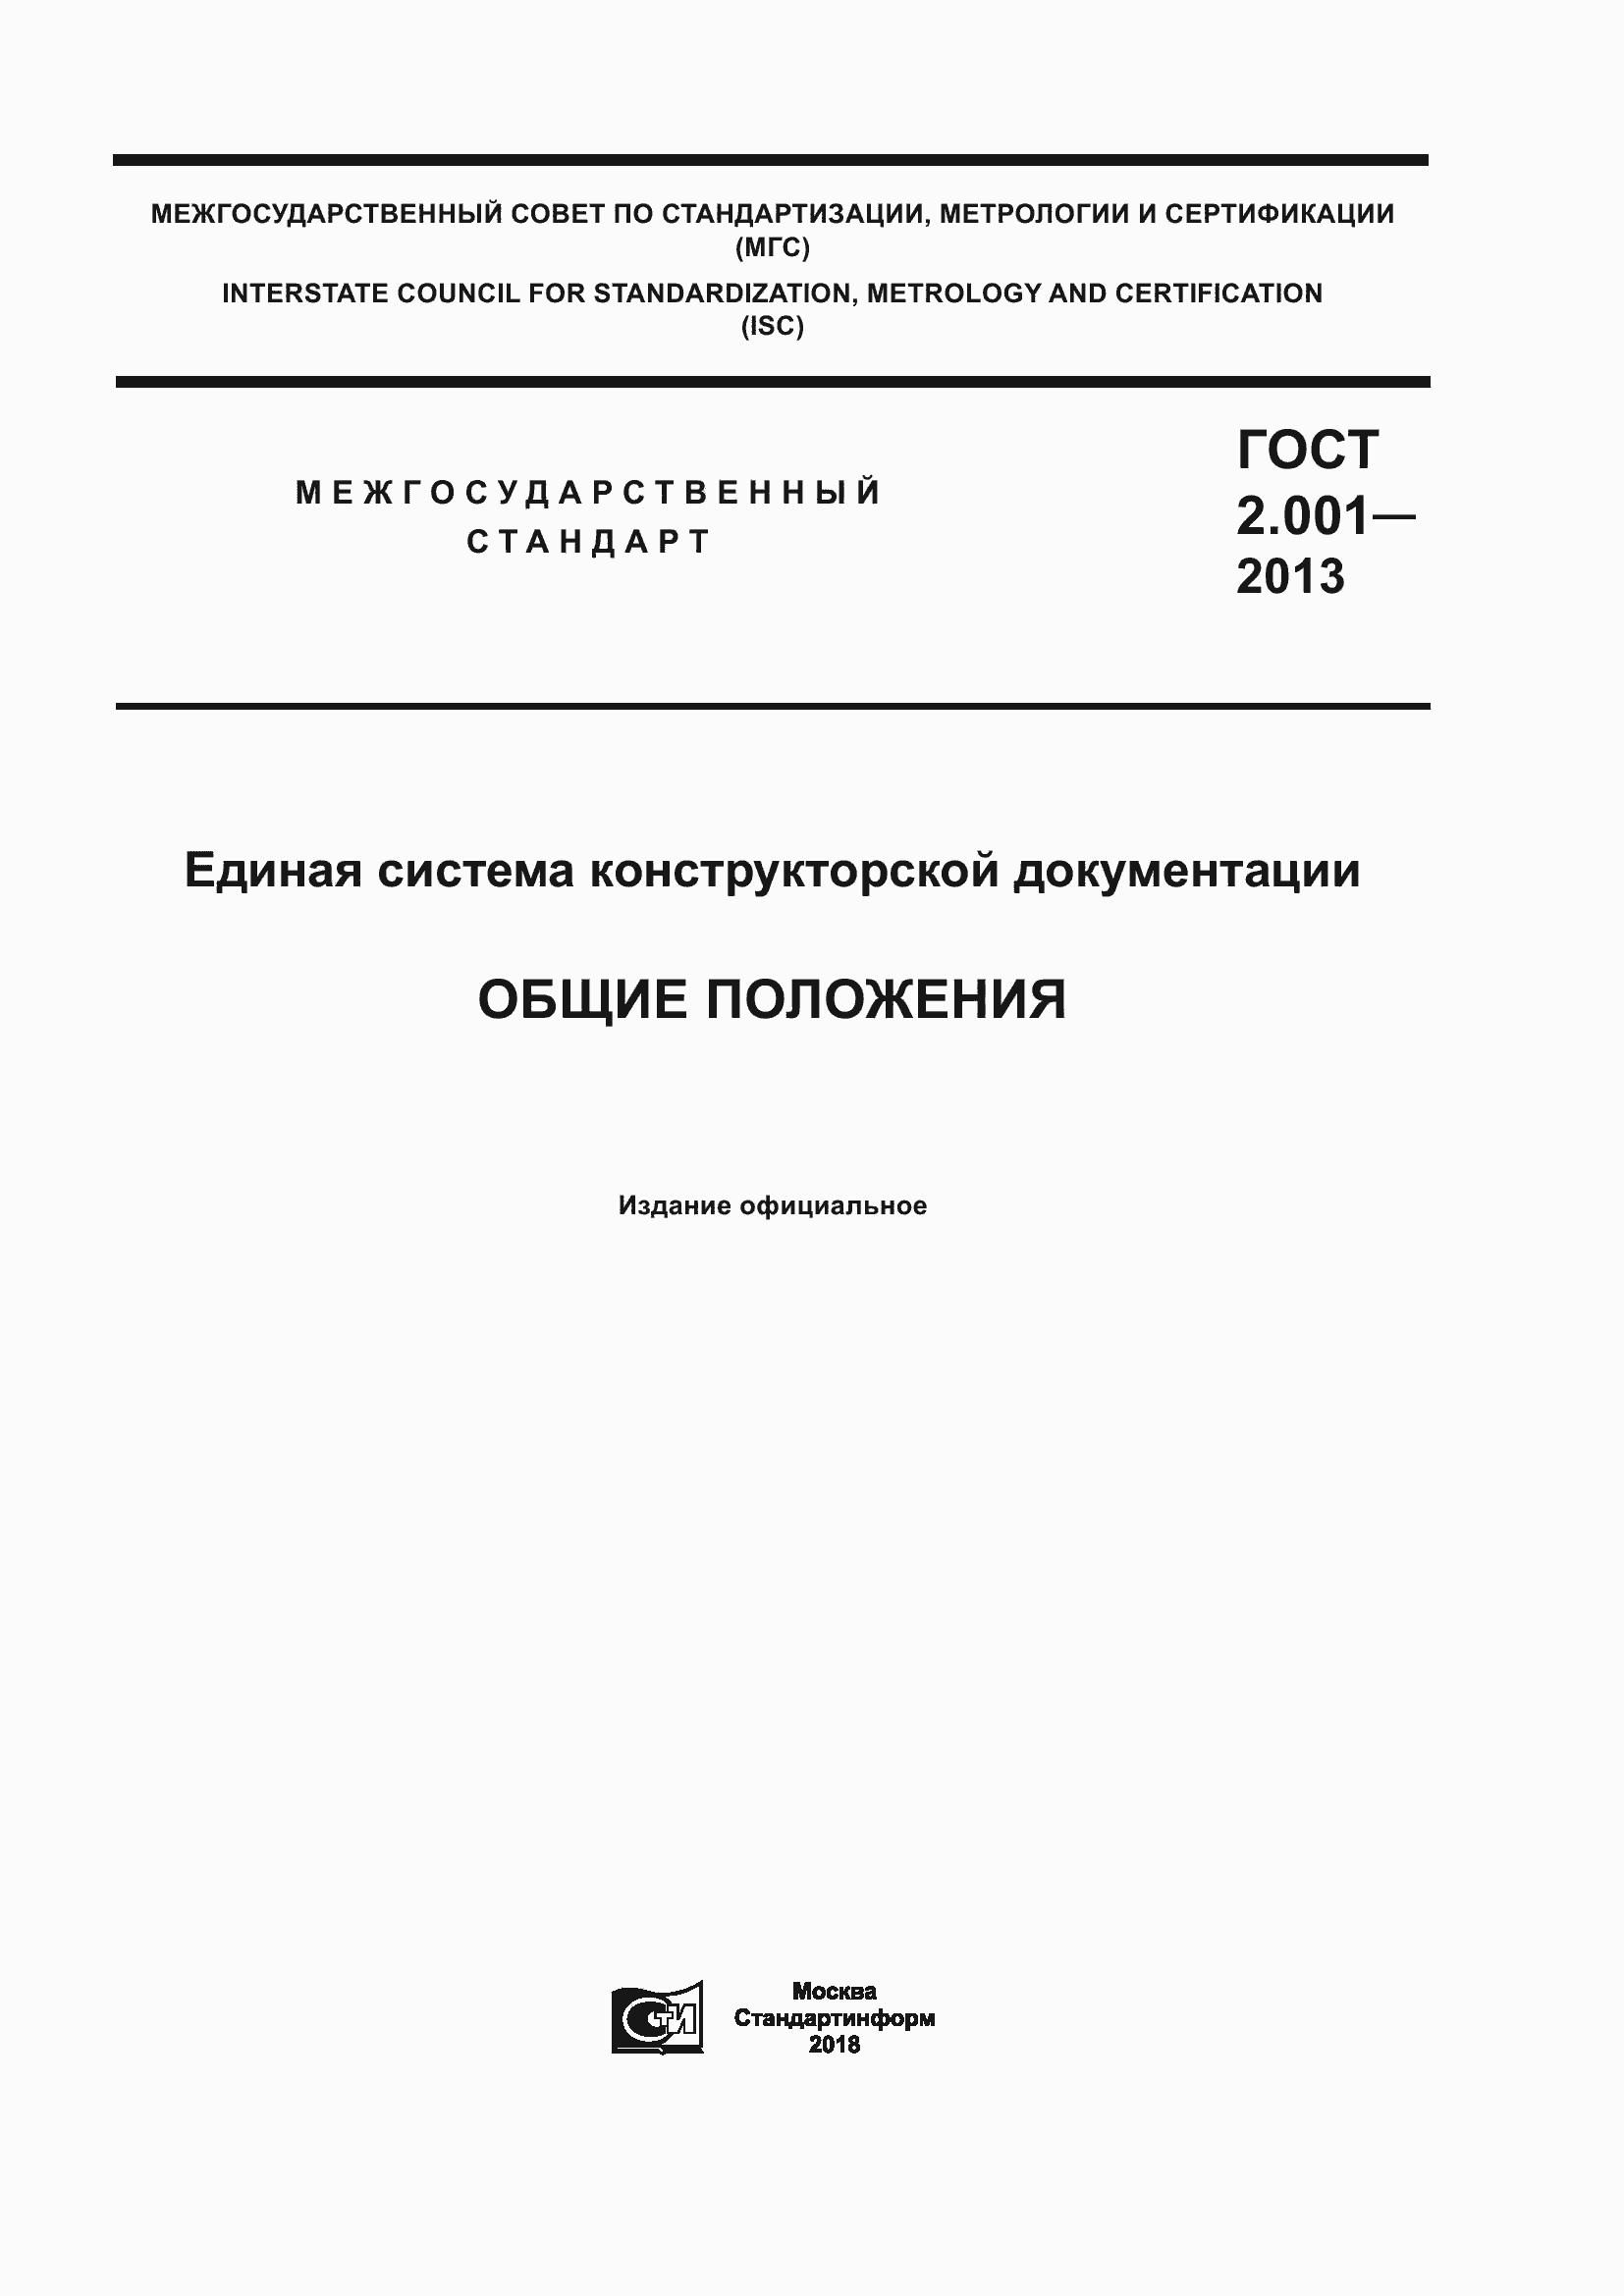 Гост 2.001 2013 ескд общие положения